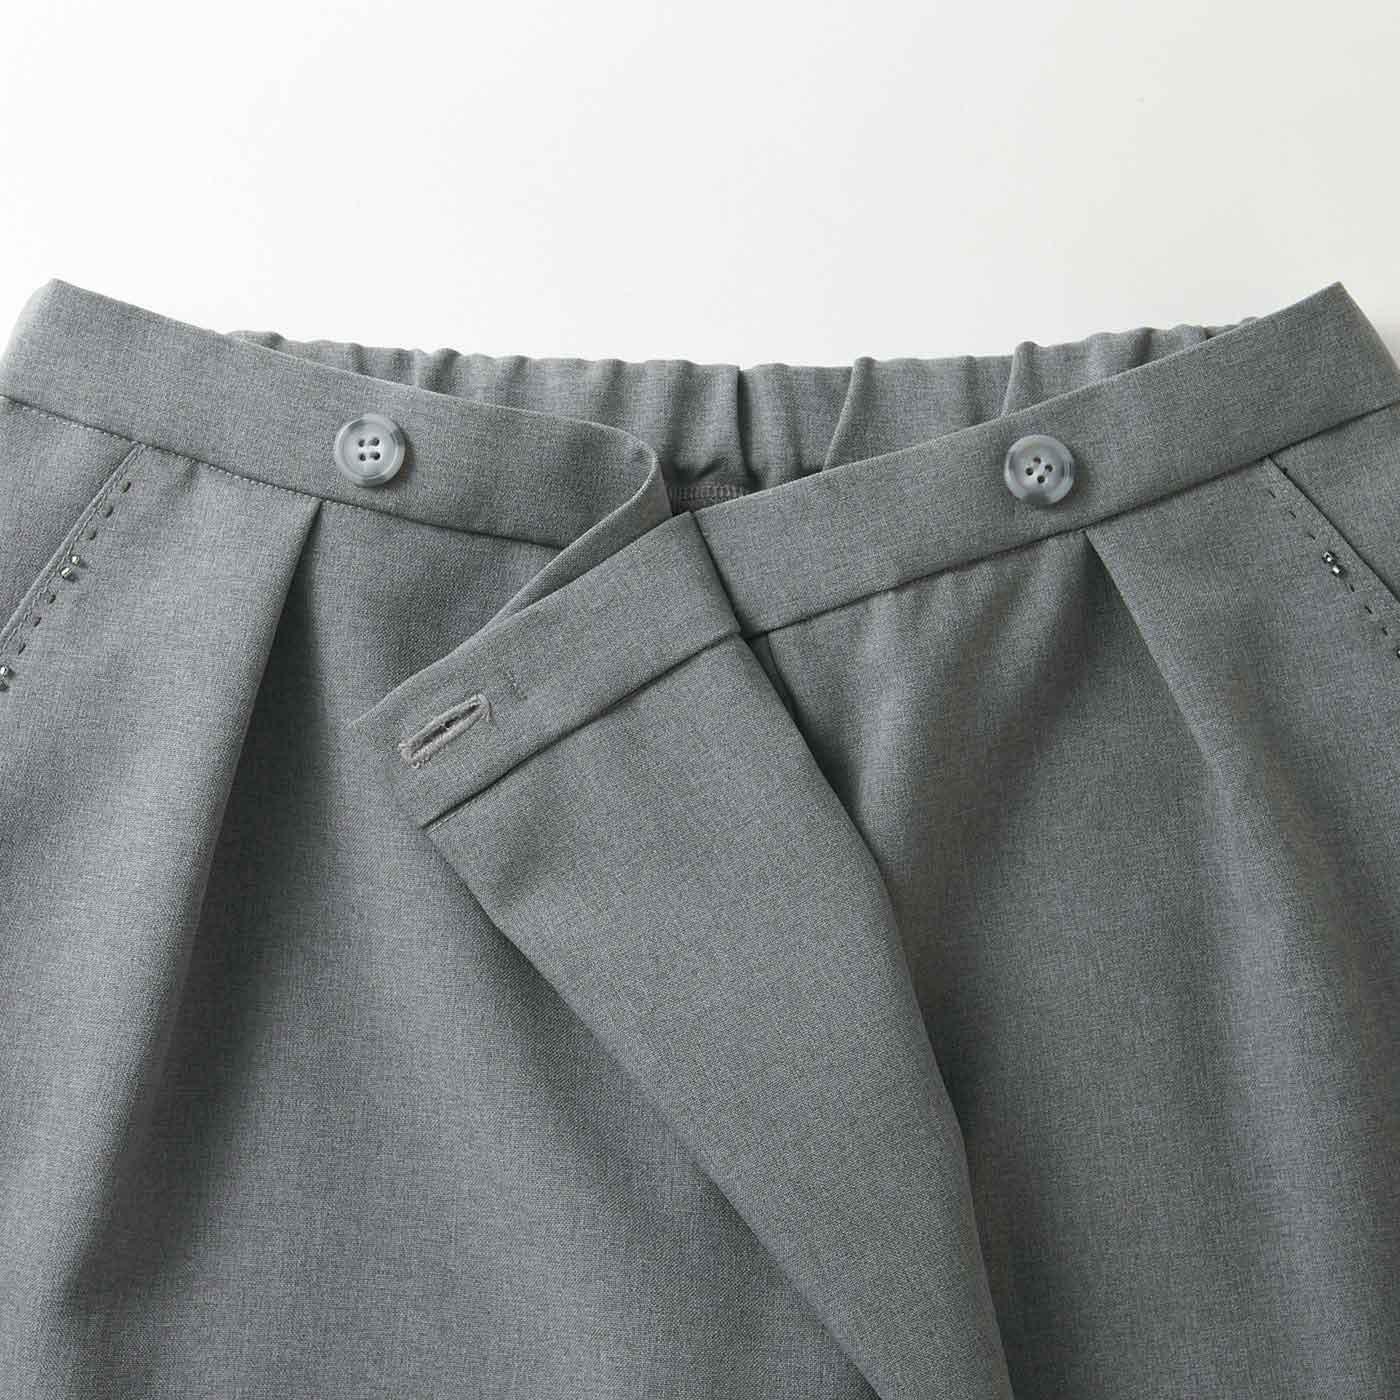 これは参考画像です。ウエスト部分はラップタイプで、一見するとスカートのよう。おなかまわりもすっきり見せます。